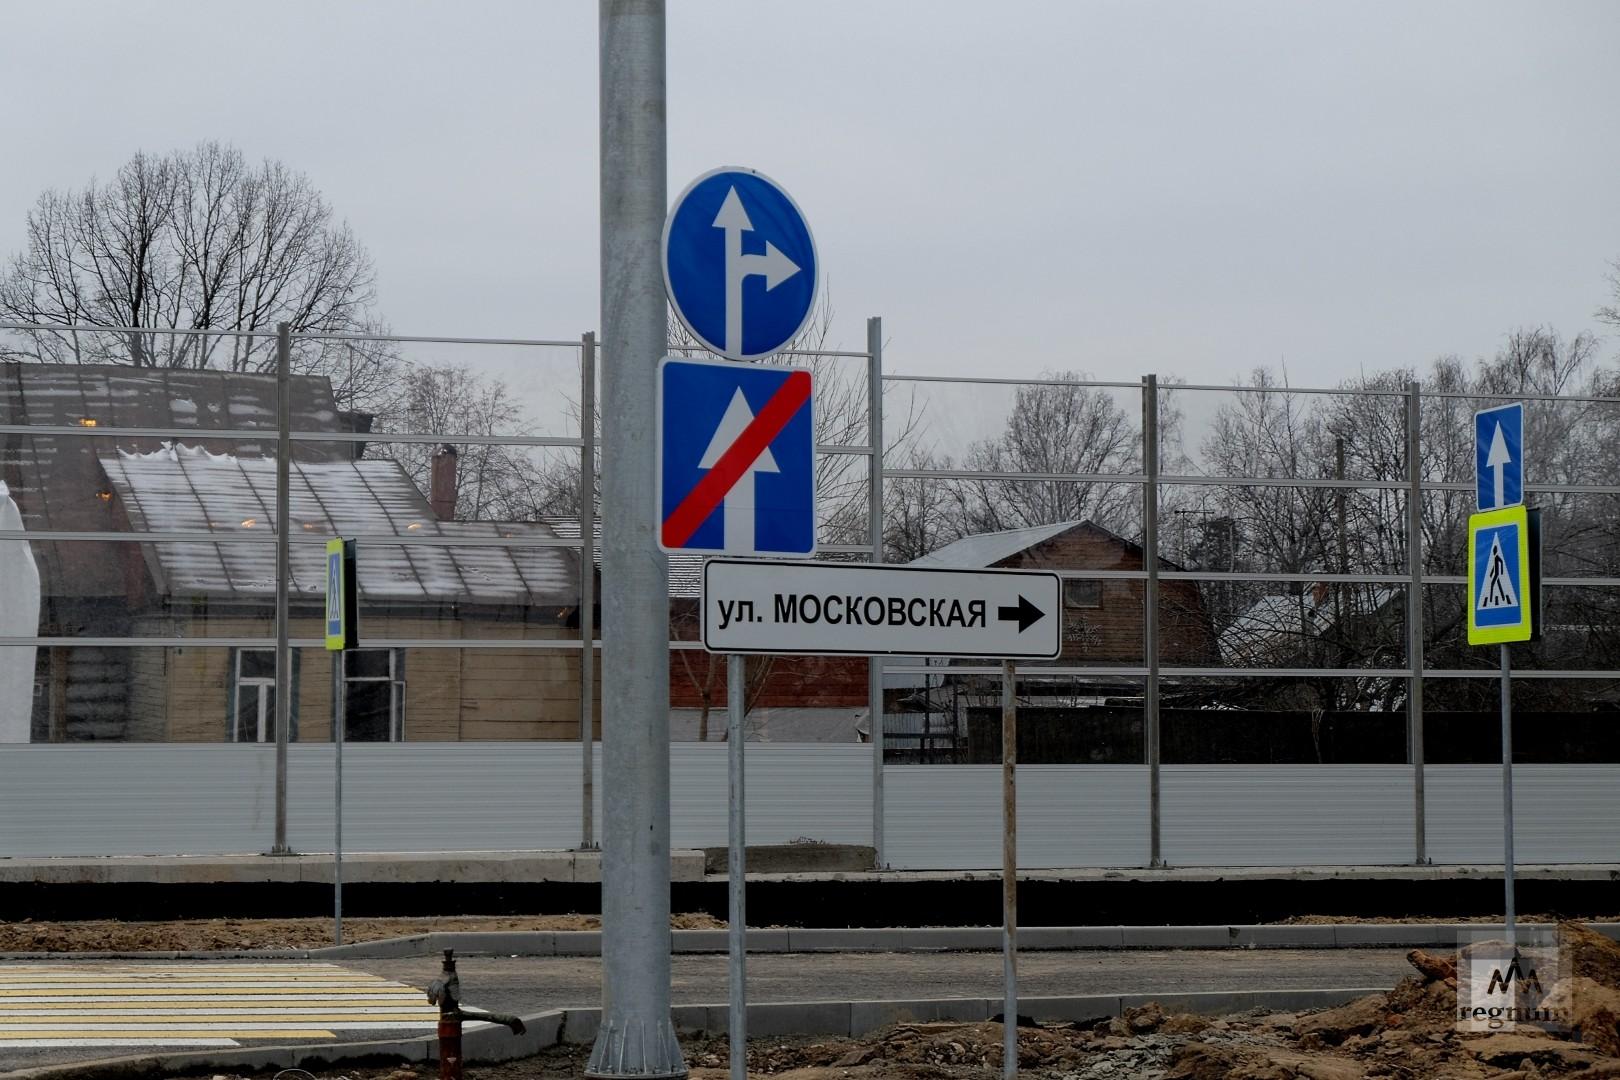 Поворот на улицу Московская